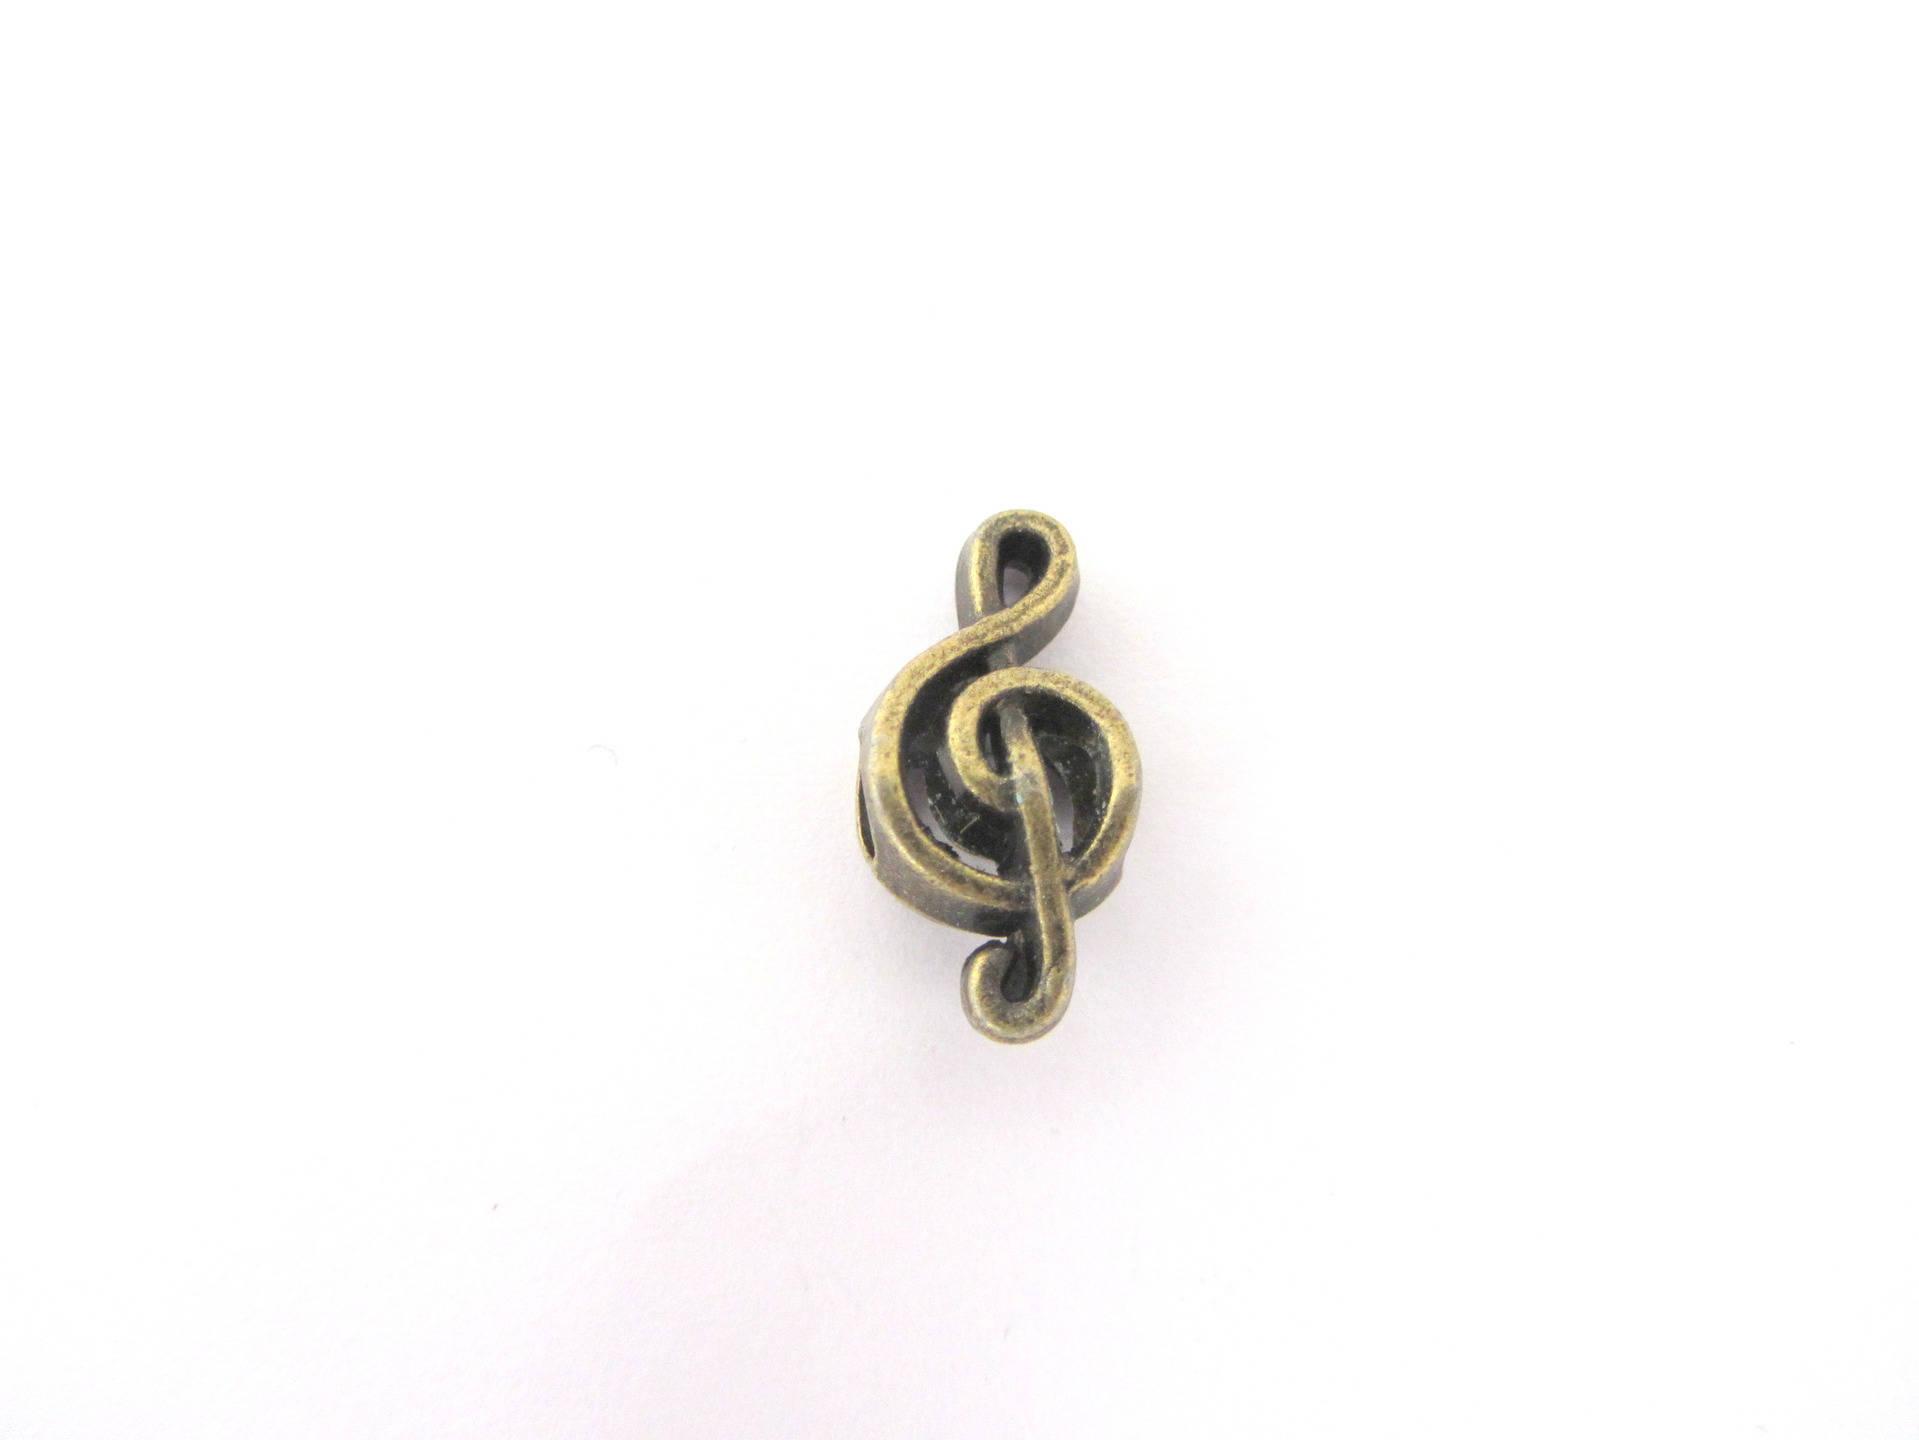 Une perle passante, forme clé de sol, bronze, bracelet cuir